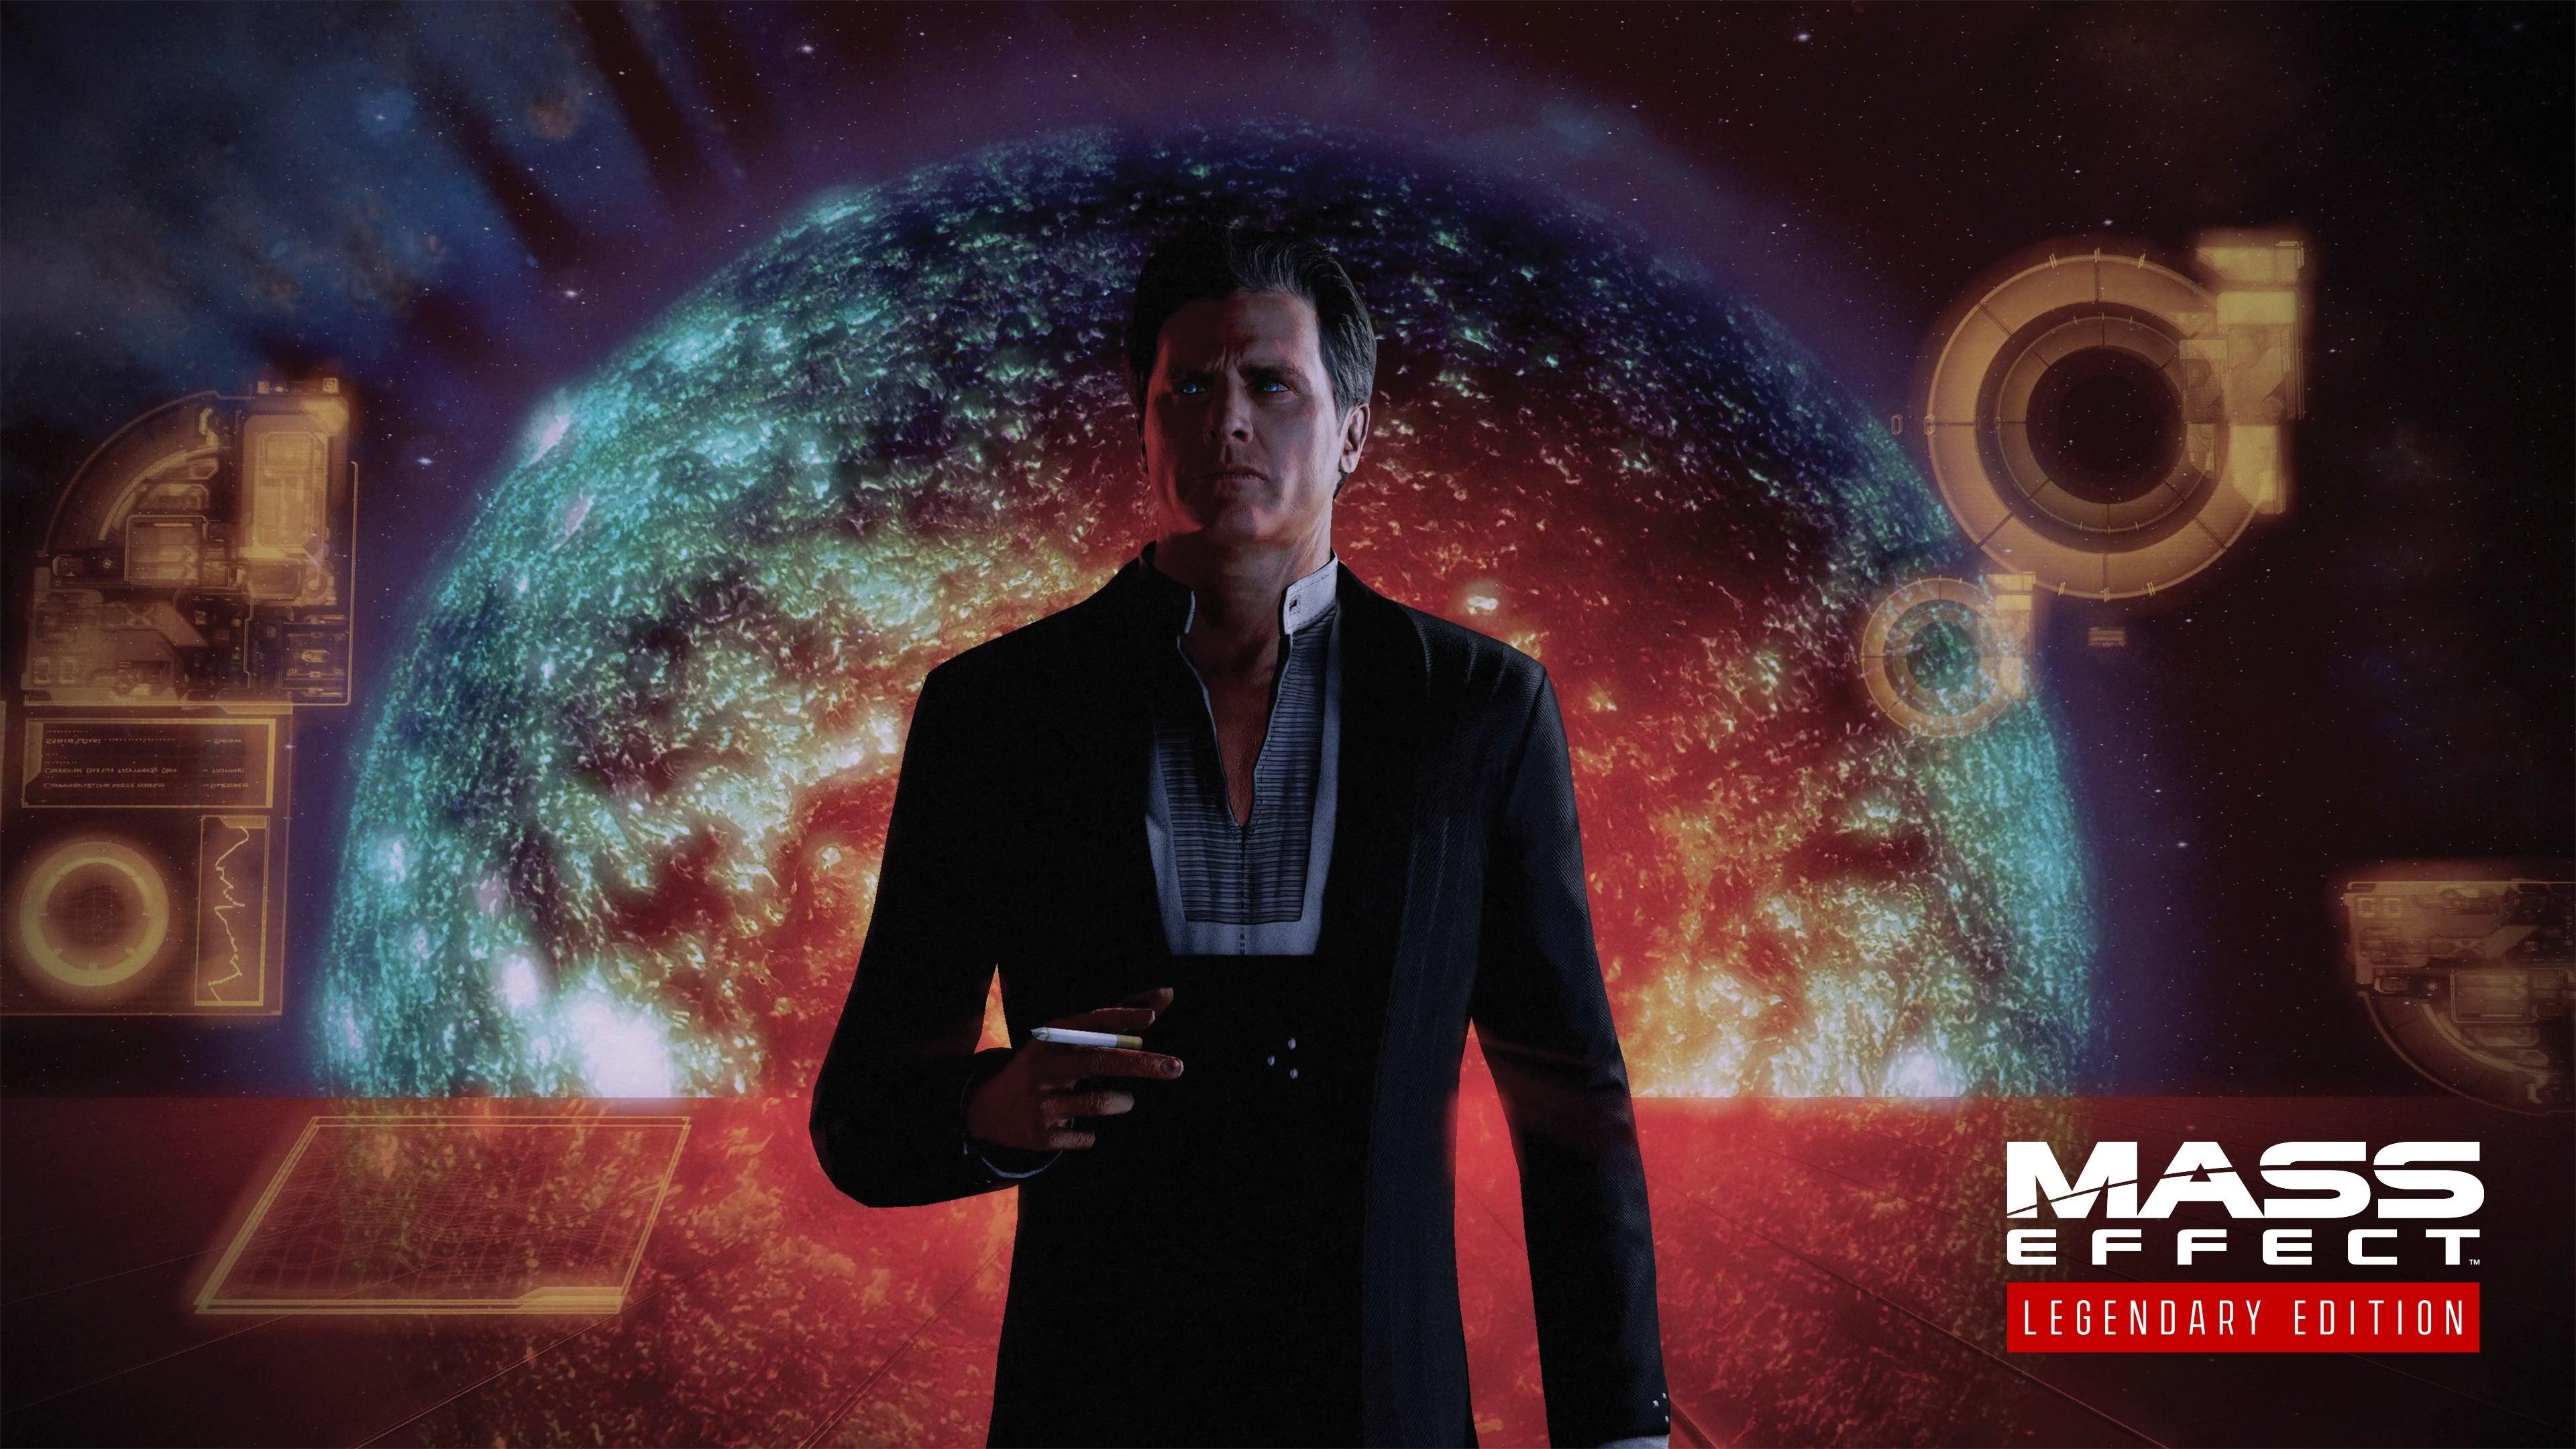 Image for Mass Effect 2 demonstrates the innate danger in legitimizing nationalist terrorist groups